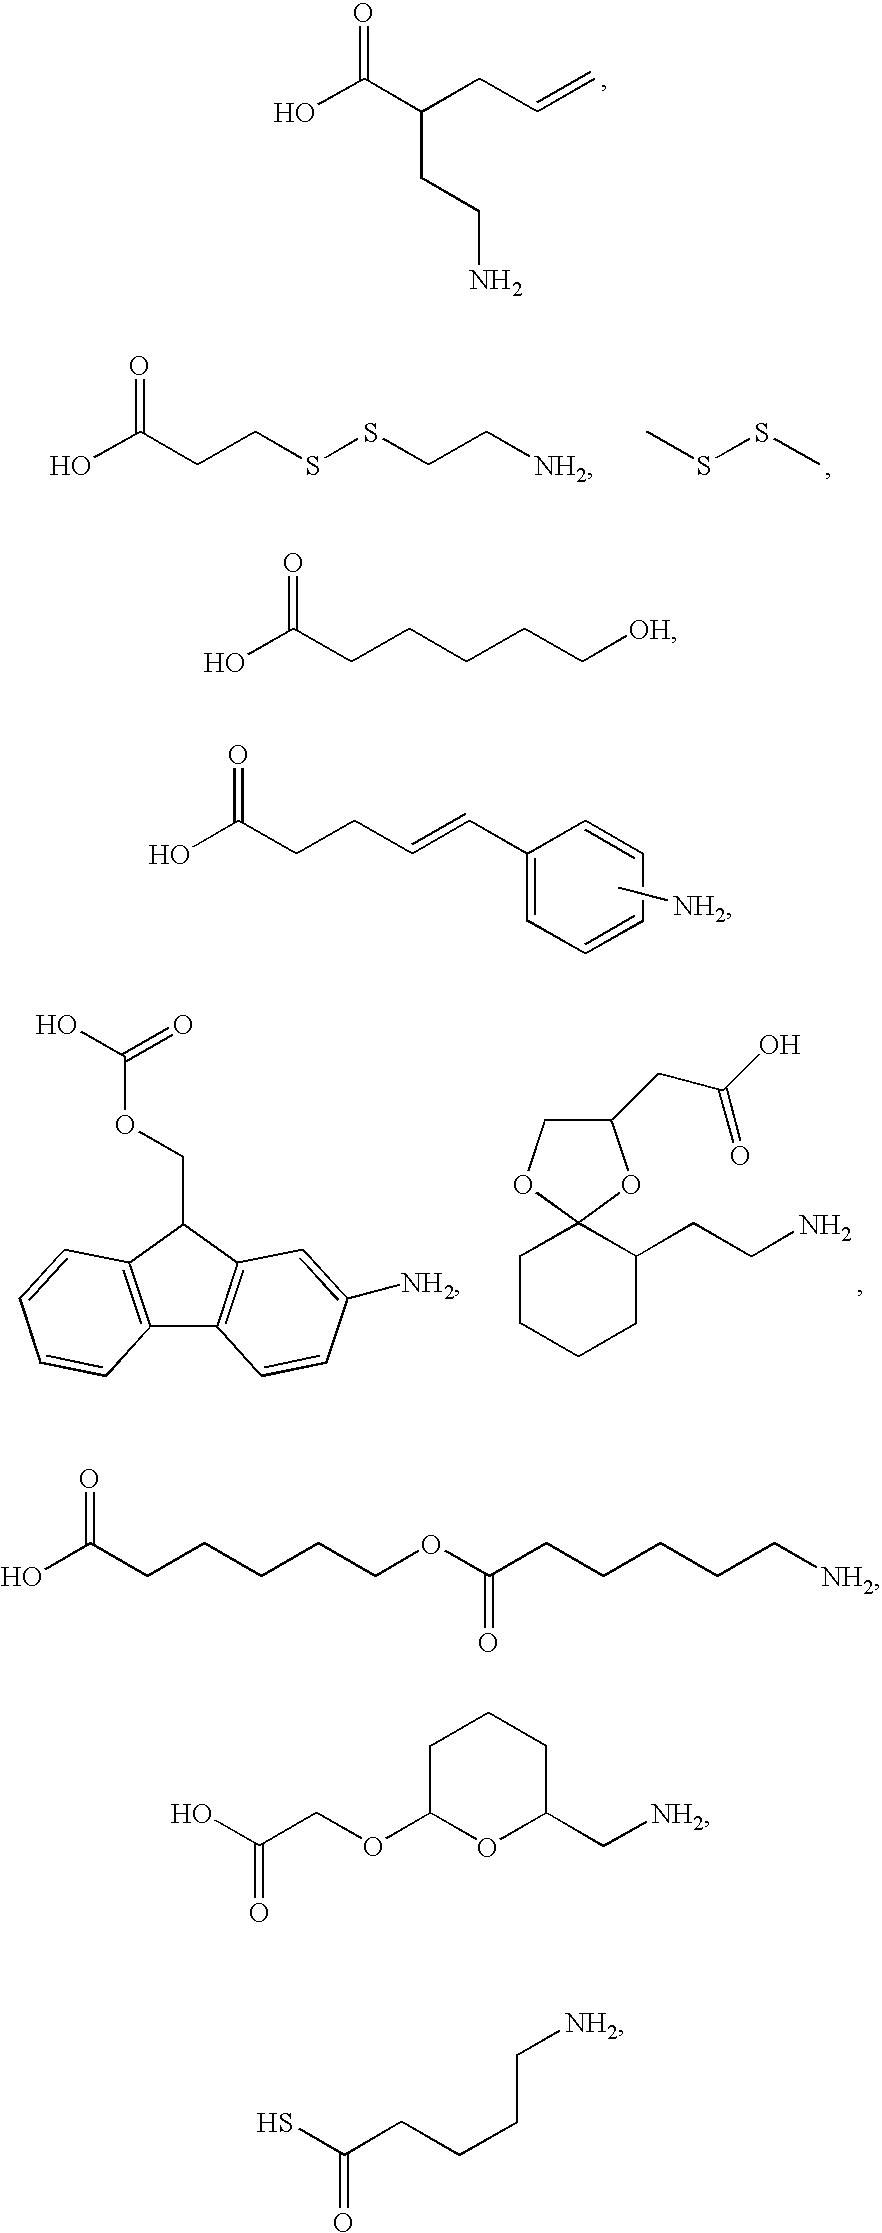 Figure US20070117104A1-20070524-C00004